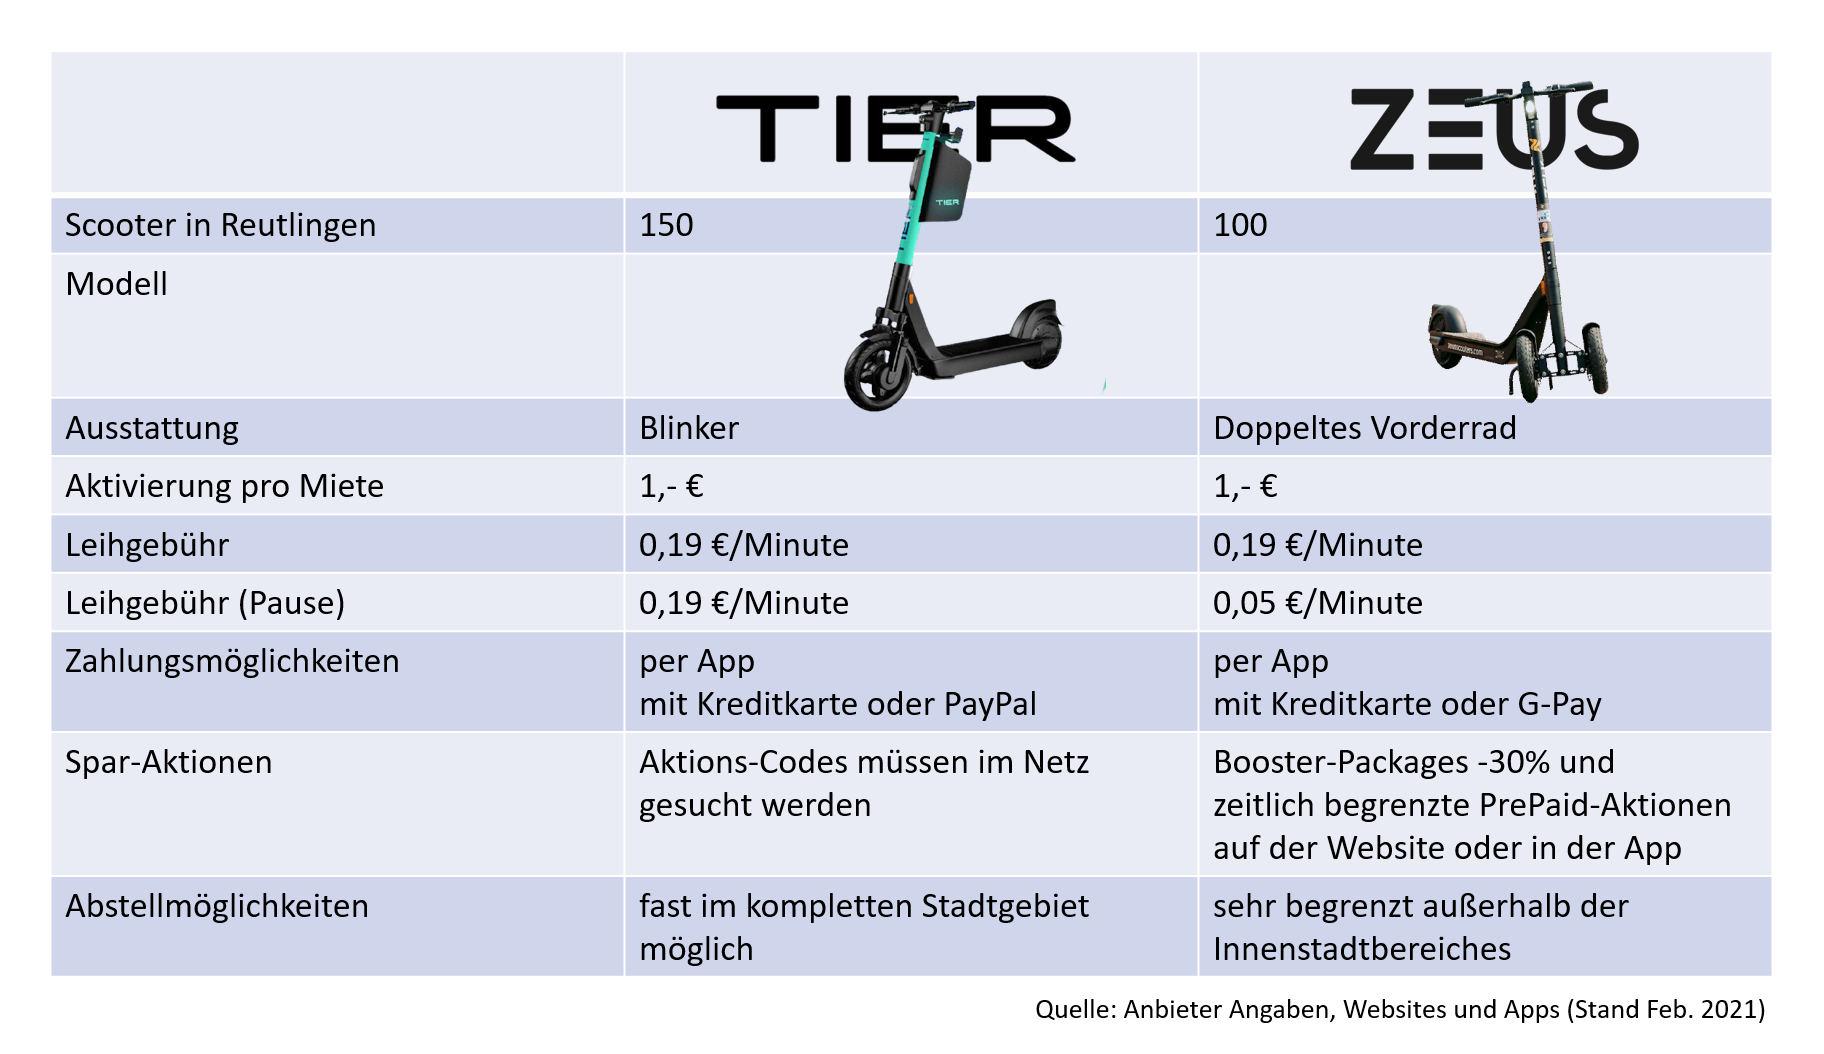 Vergleich E-Scooter in Reutlingen